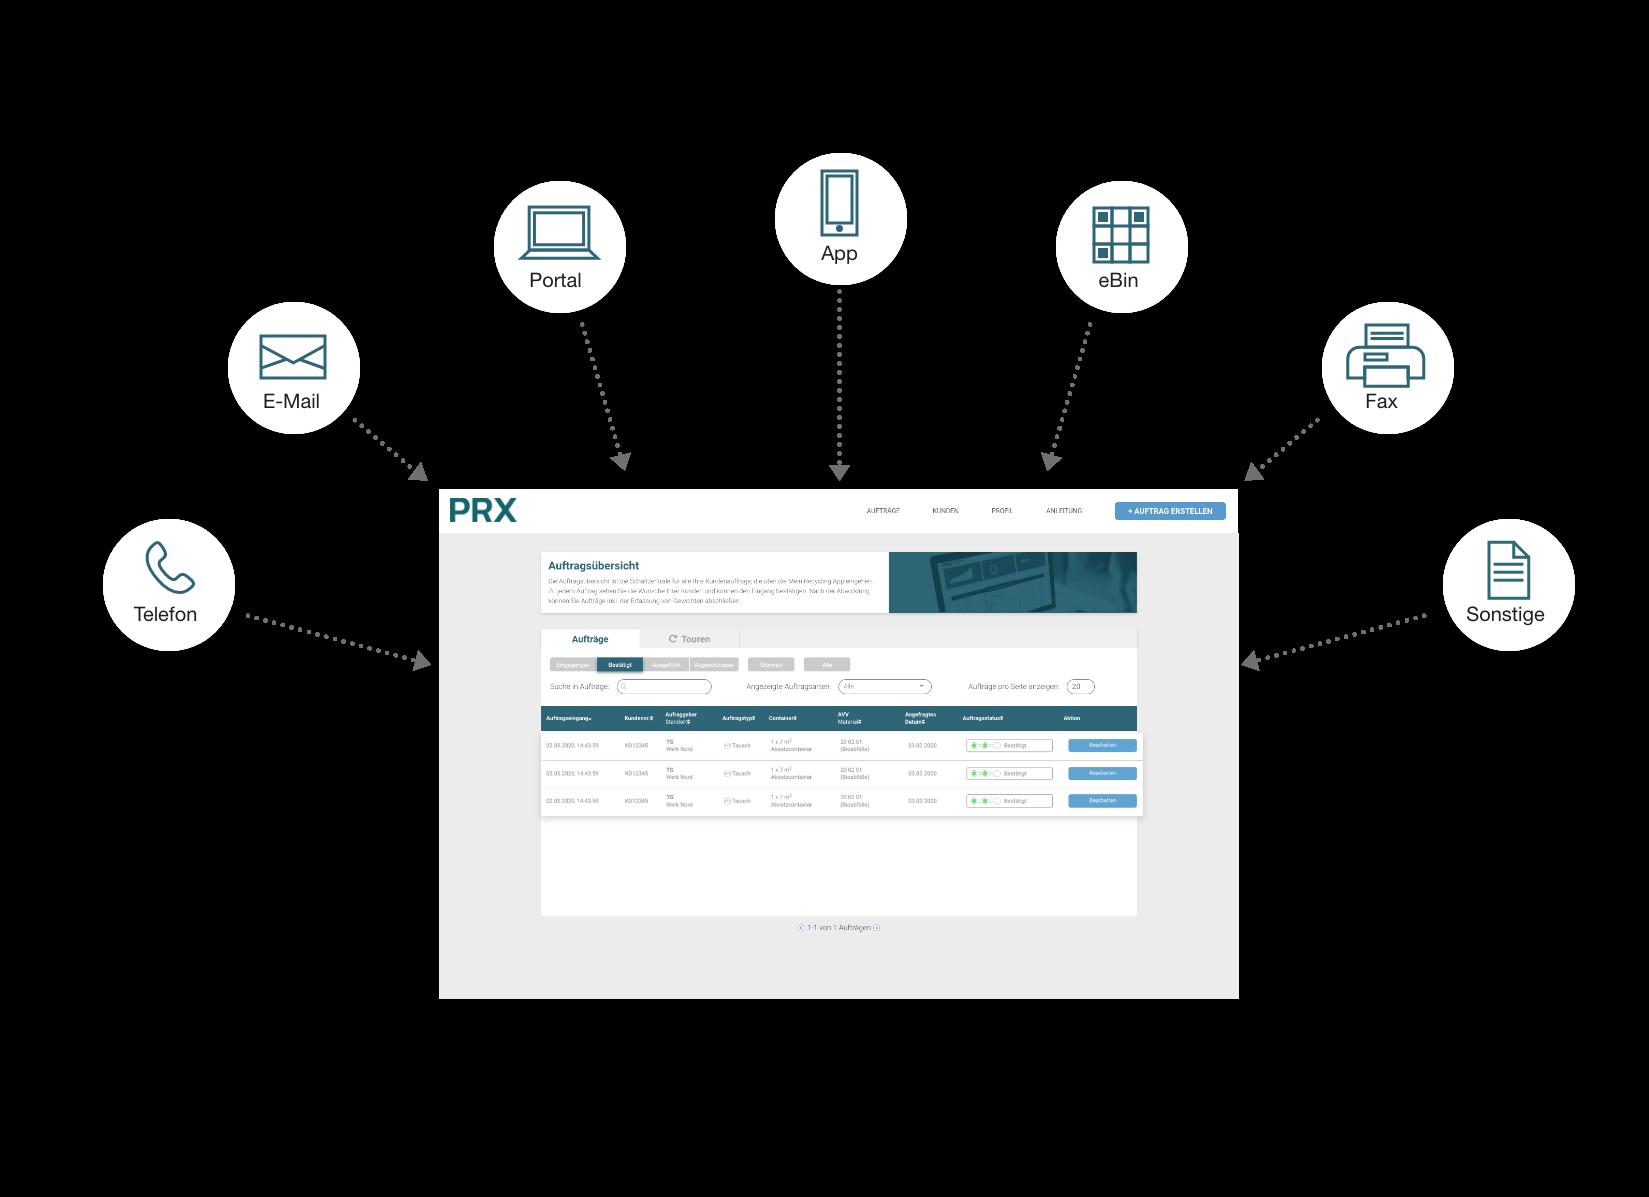 Digitale Auftragsannahme, Resourcify-Software, Entsorger